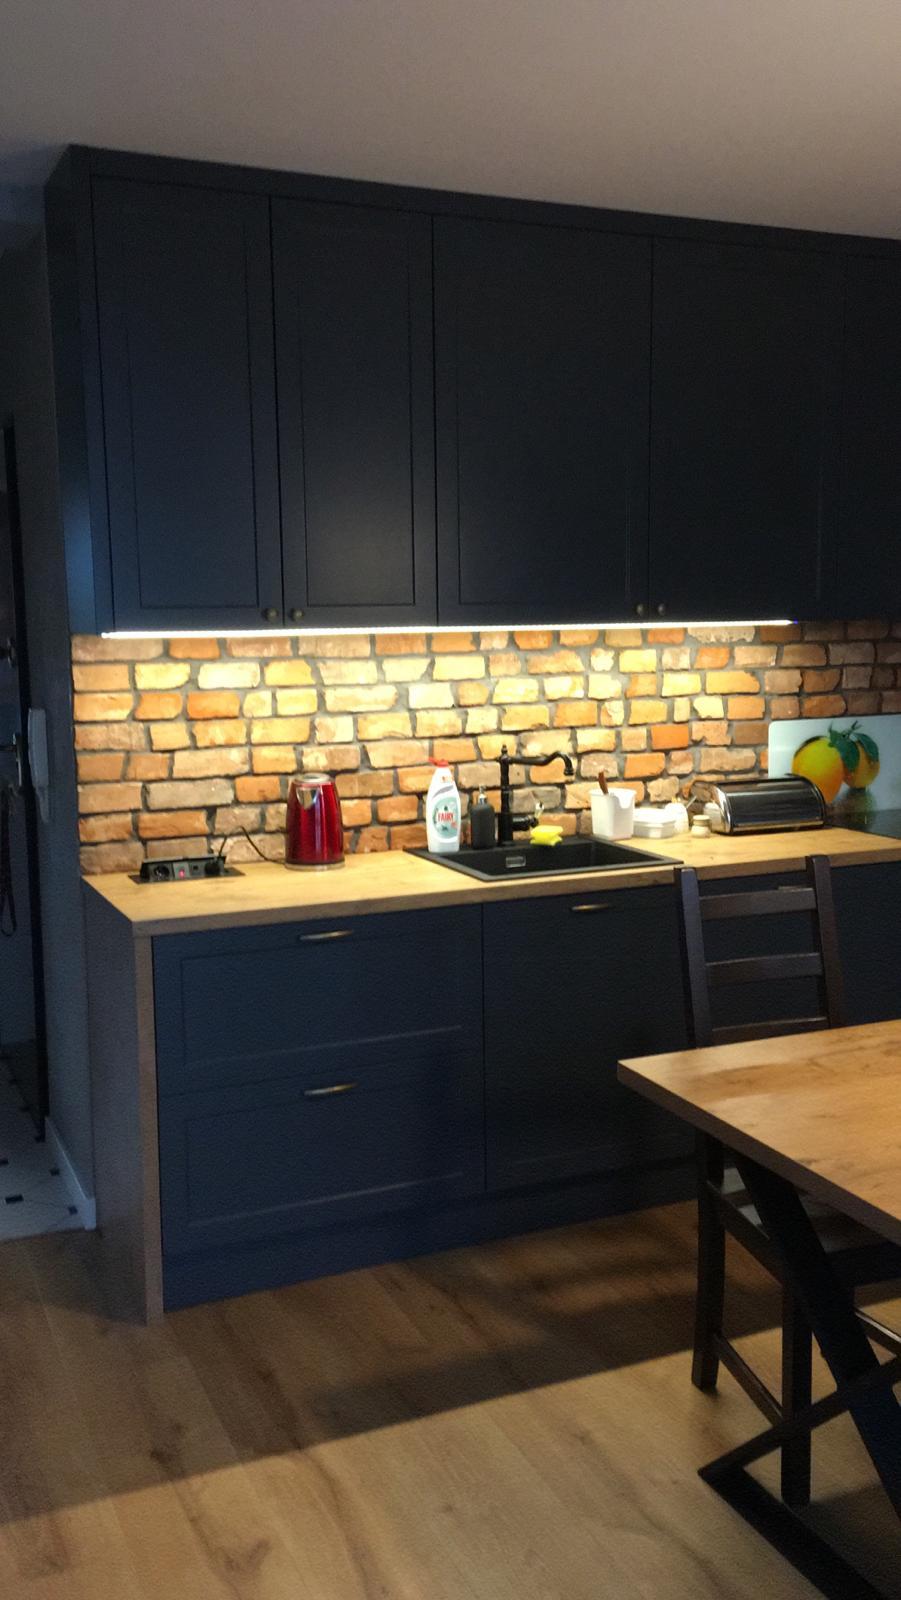 kuchyňa v Krakove - Obrázok č. 2